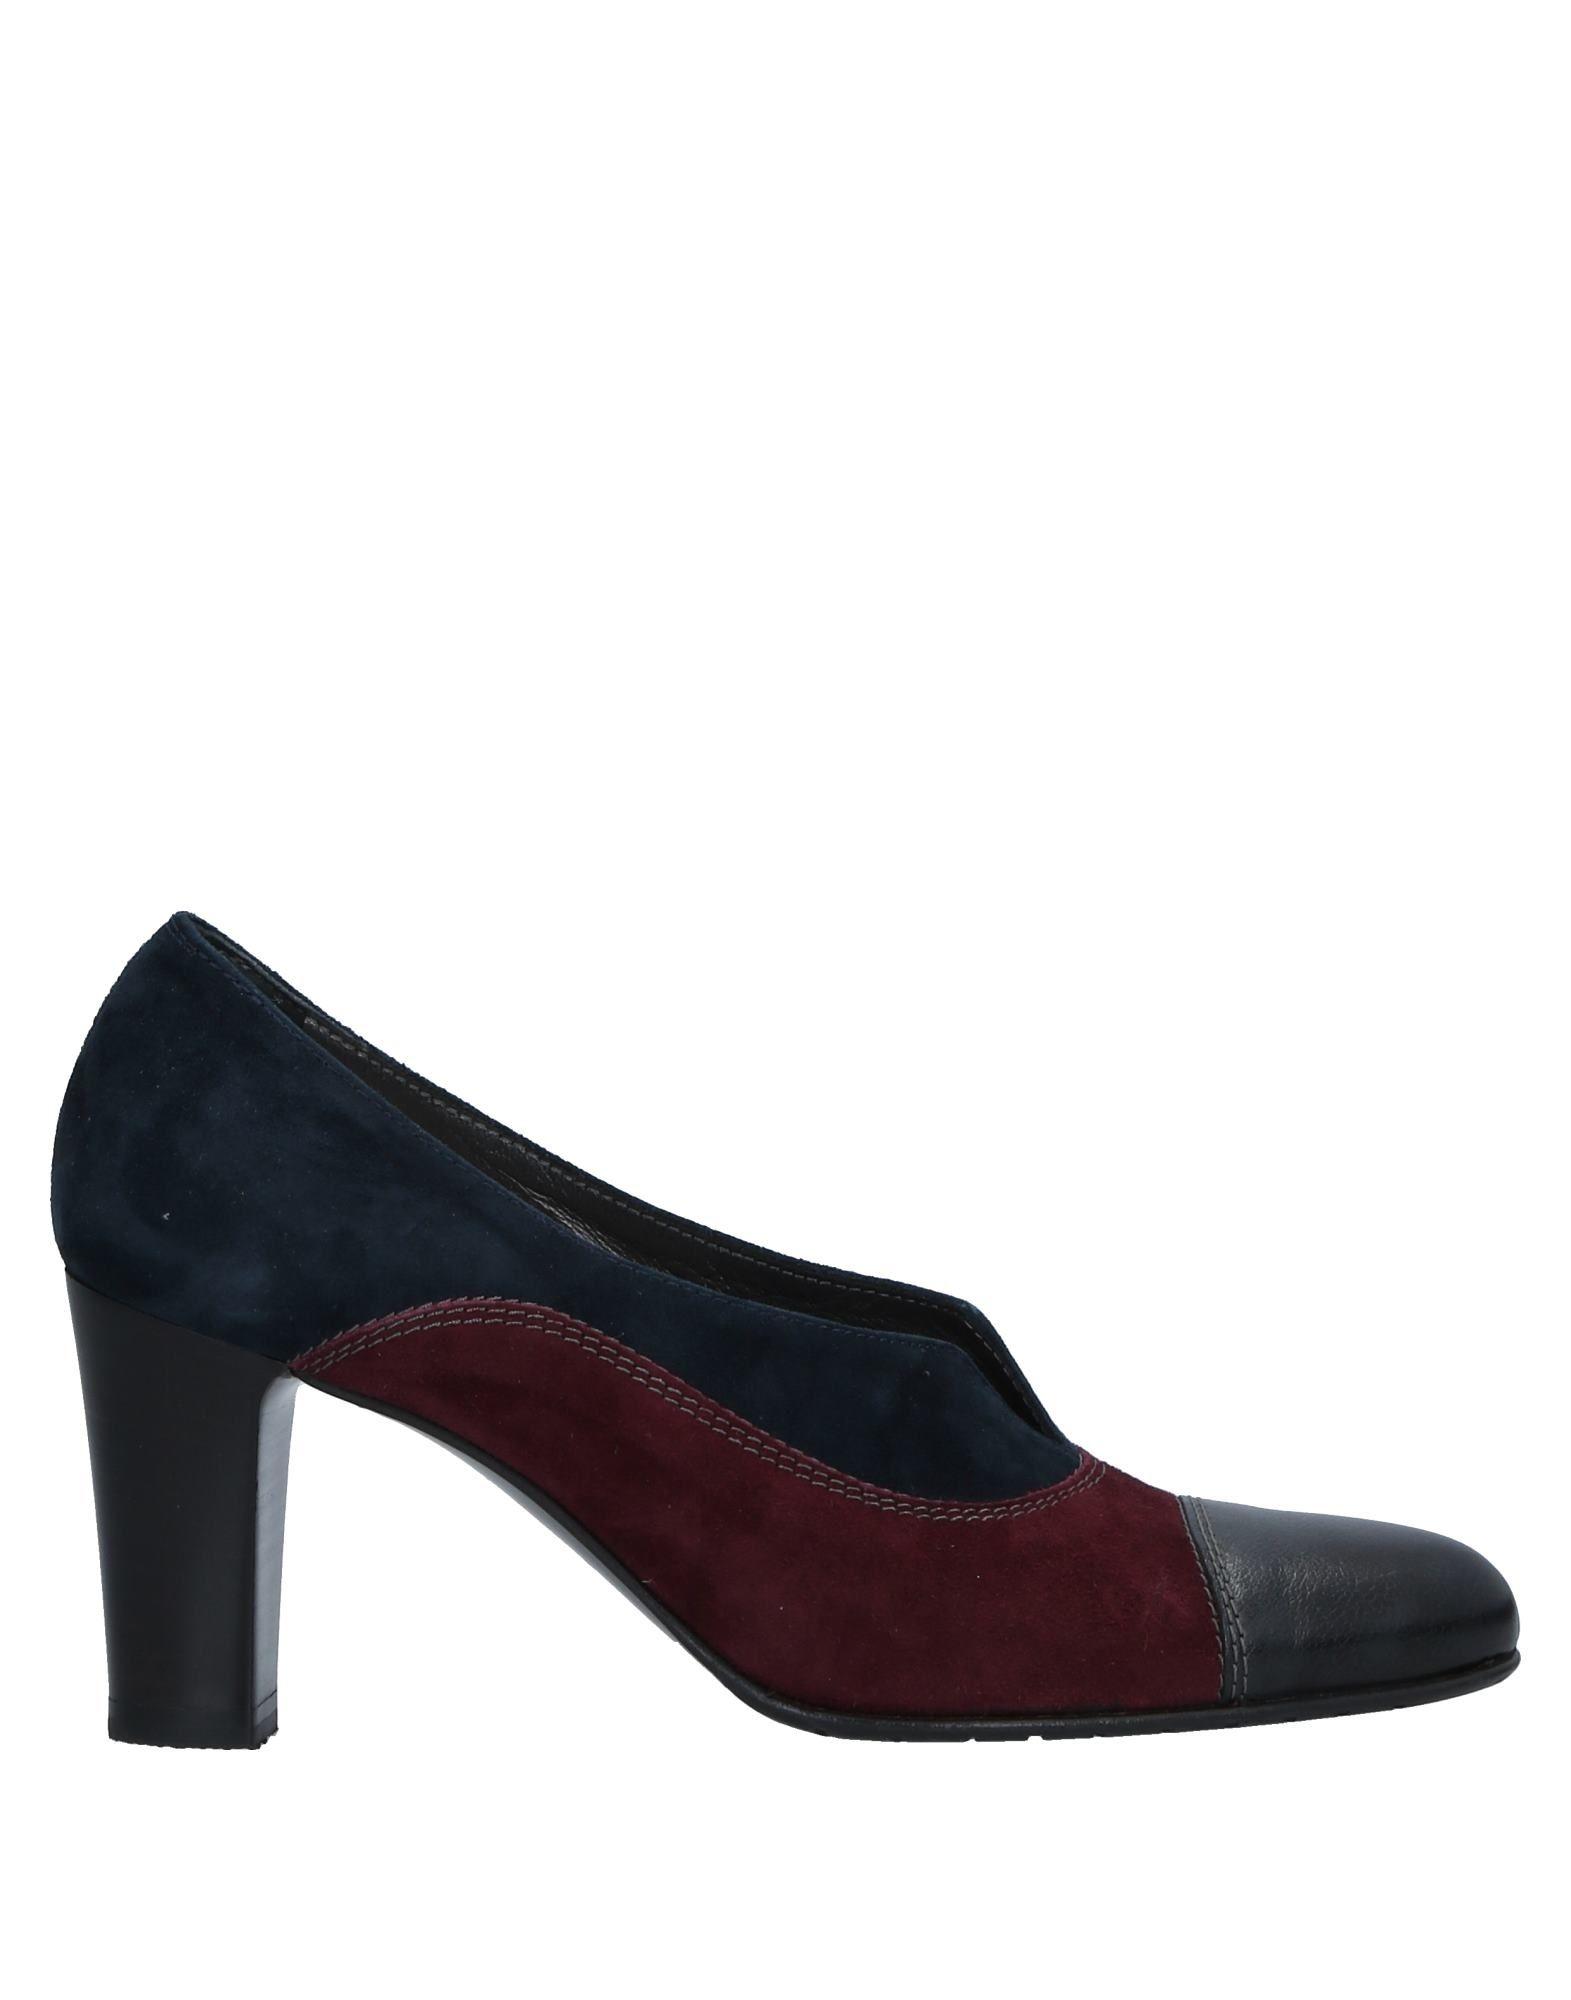 Elata Stiefelette Damen  11501913RO Gute Qualität beliebte Schuhe